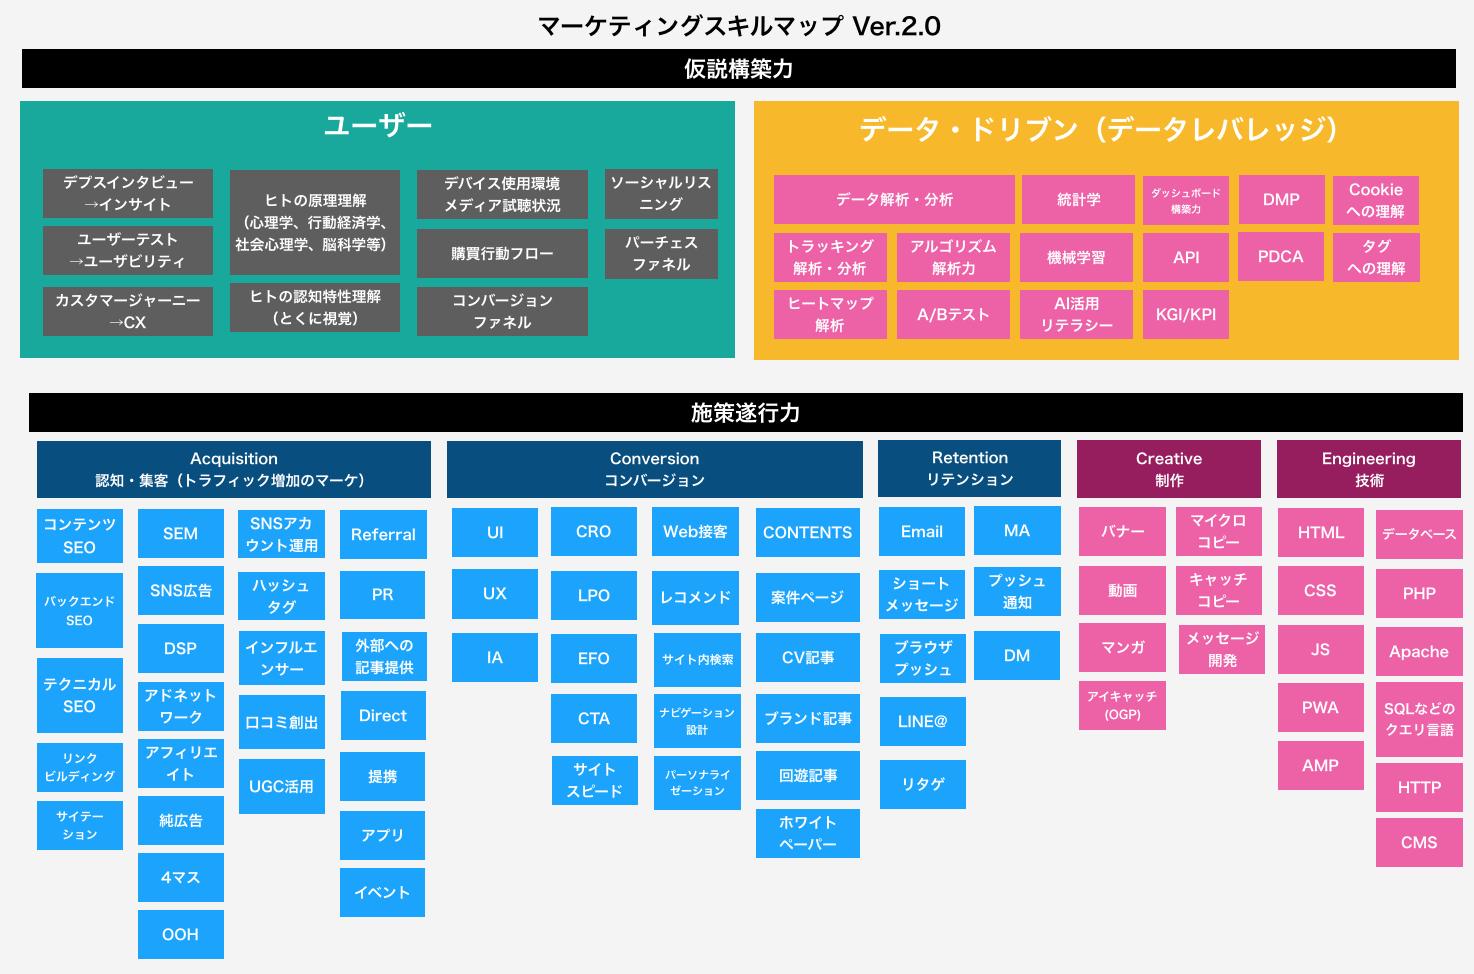 マーケティングスキルマップ